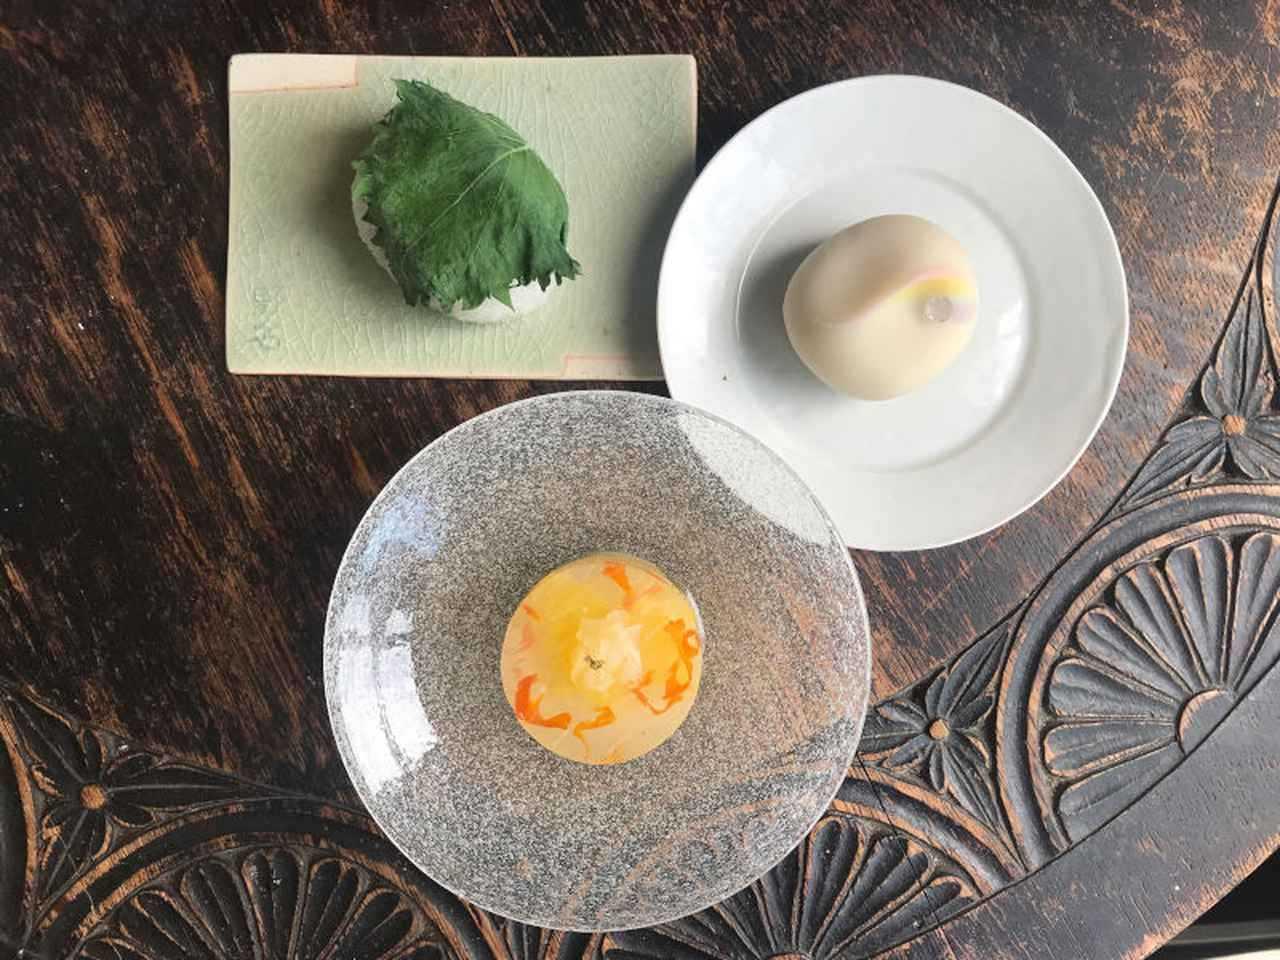 ハーブや果物を使った和菓子を提供する「菓子屋のな」が気になります。